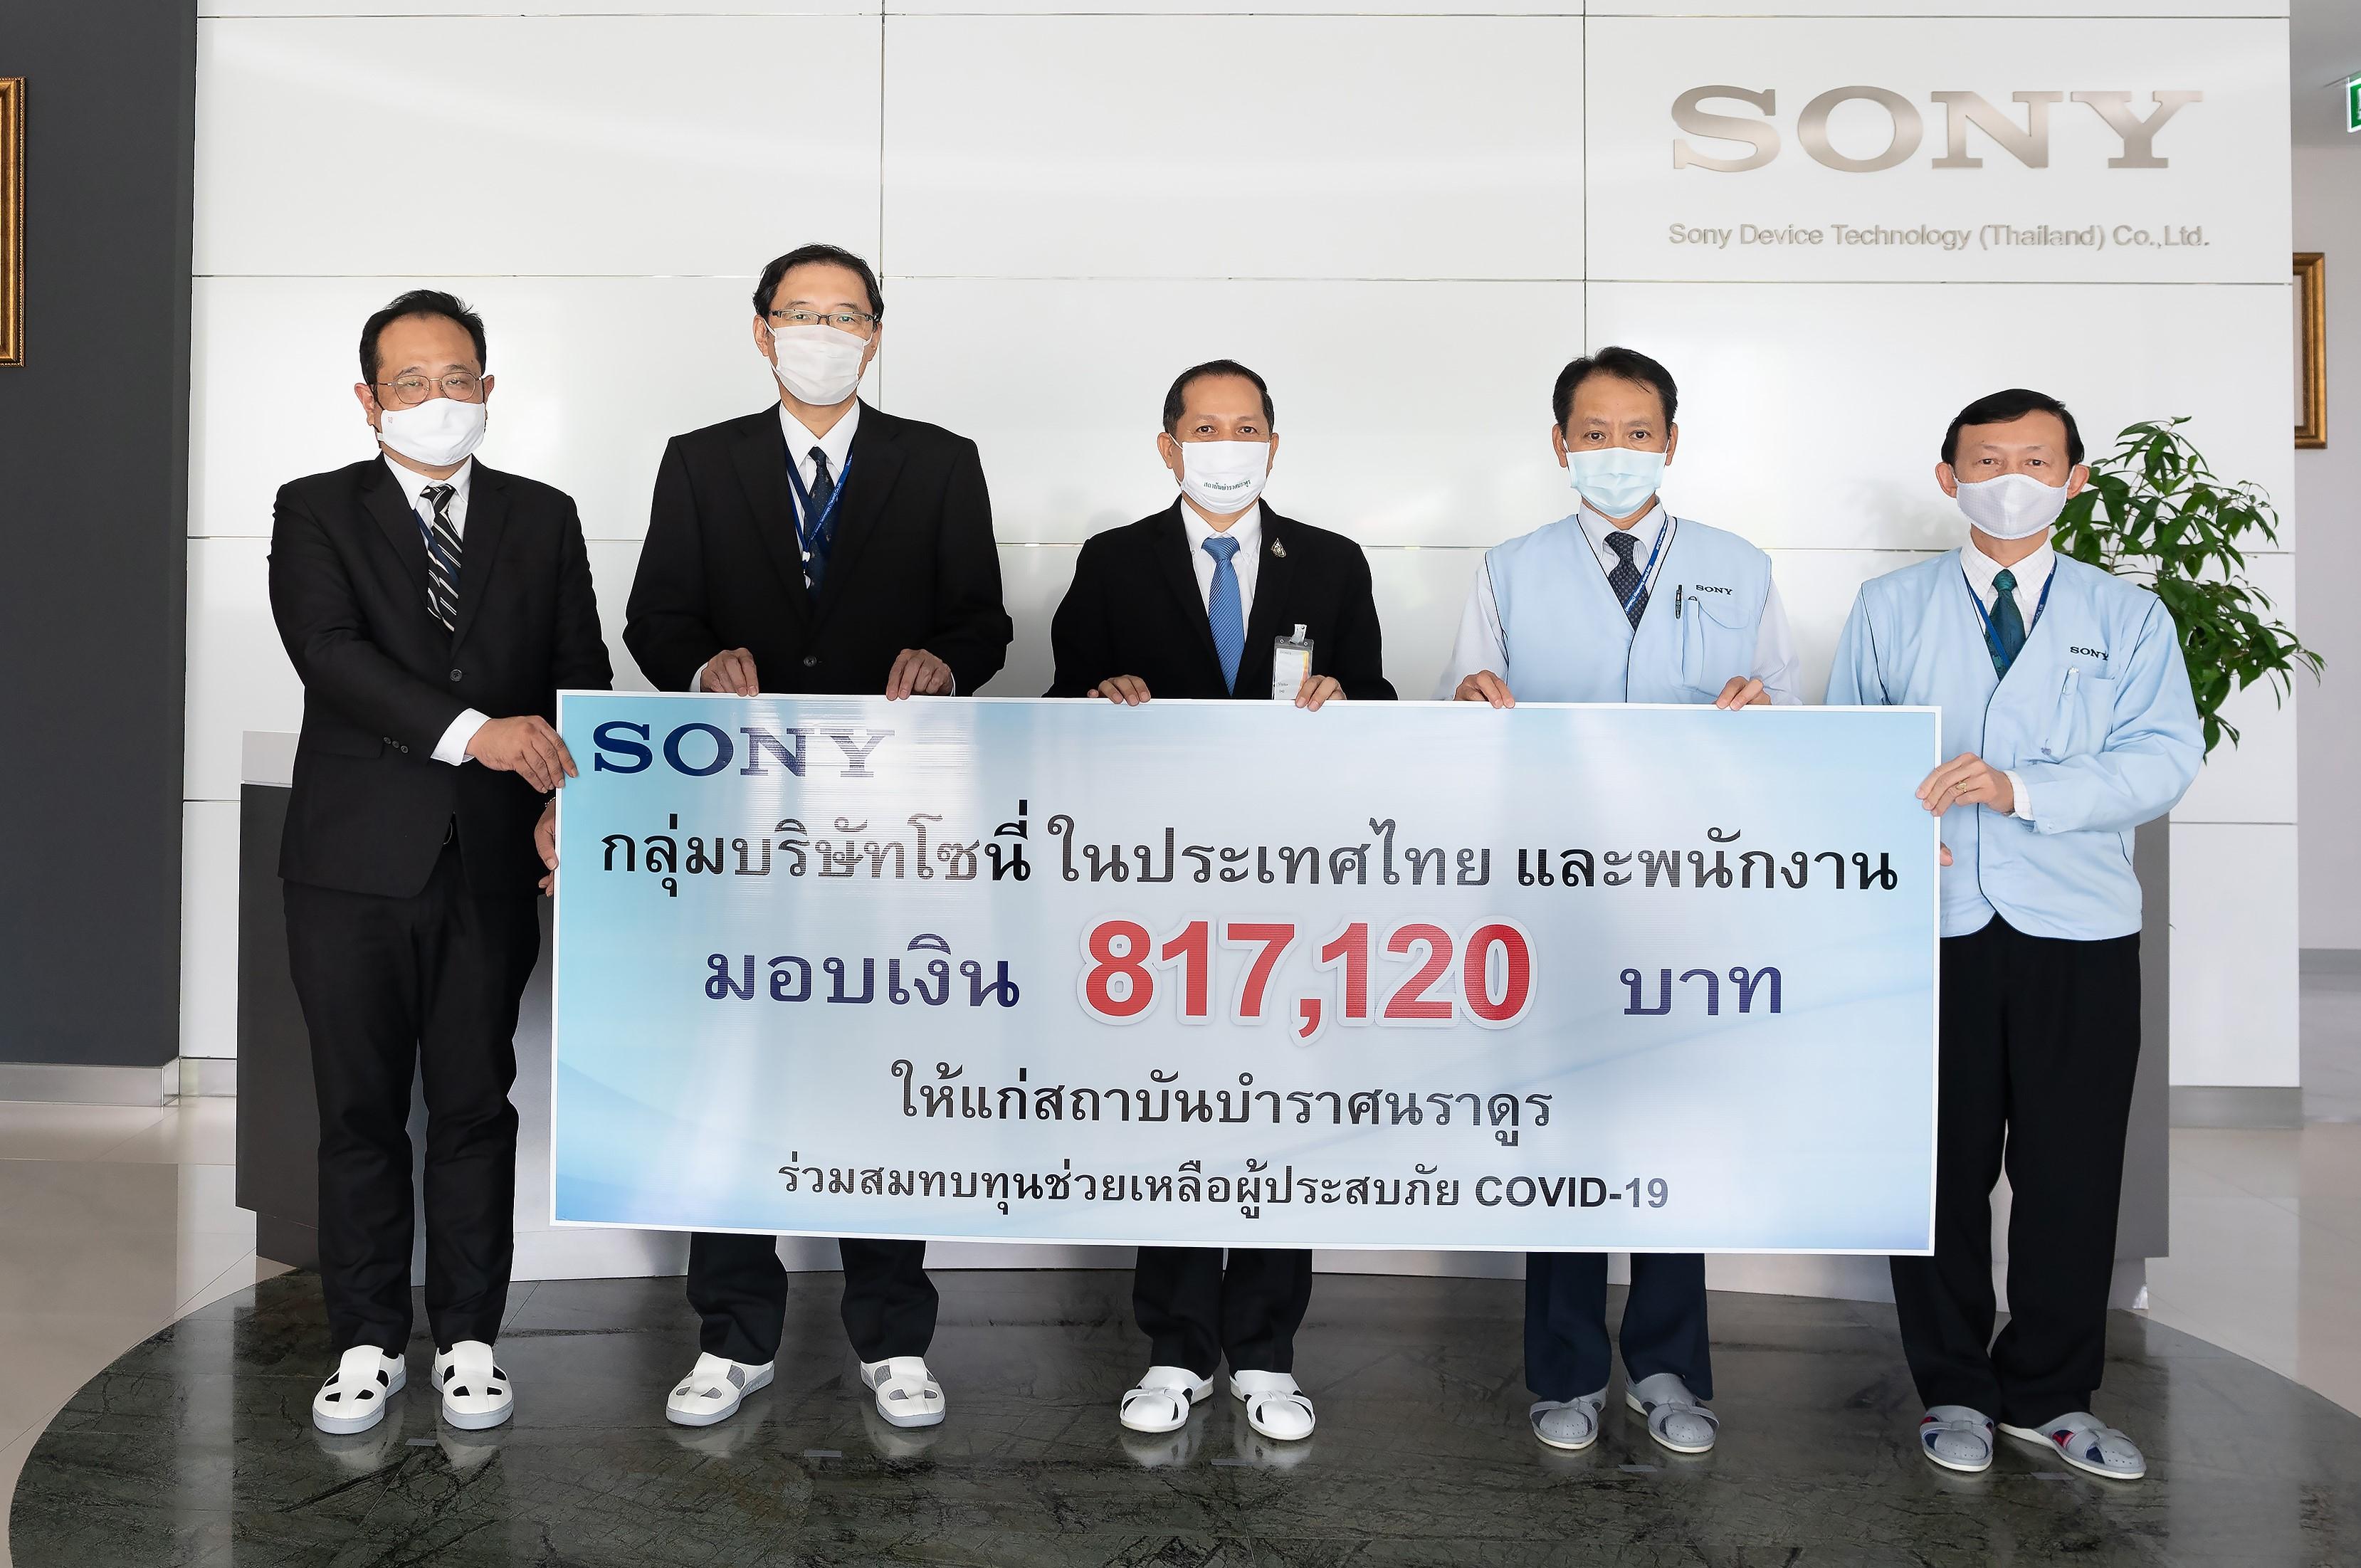 กลุ่มบริษัทโซนี่ในประเทศไทย ตั้งกองทุน Sony Family Relief Fund For COVID-19 มอบเงินแก่สถาบันบำราศนราดูรช่วยเหลือผู้ประสบภัย COVID-19